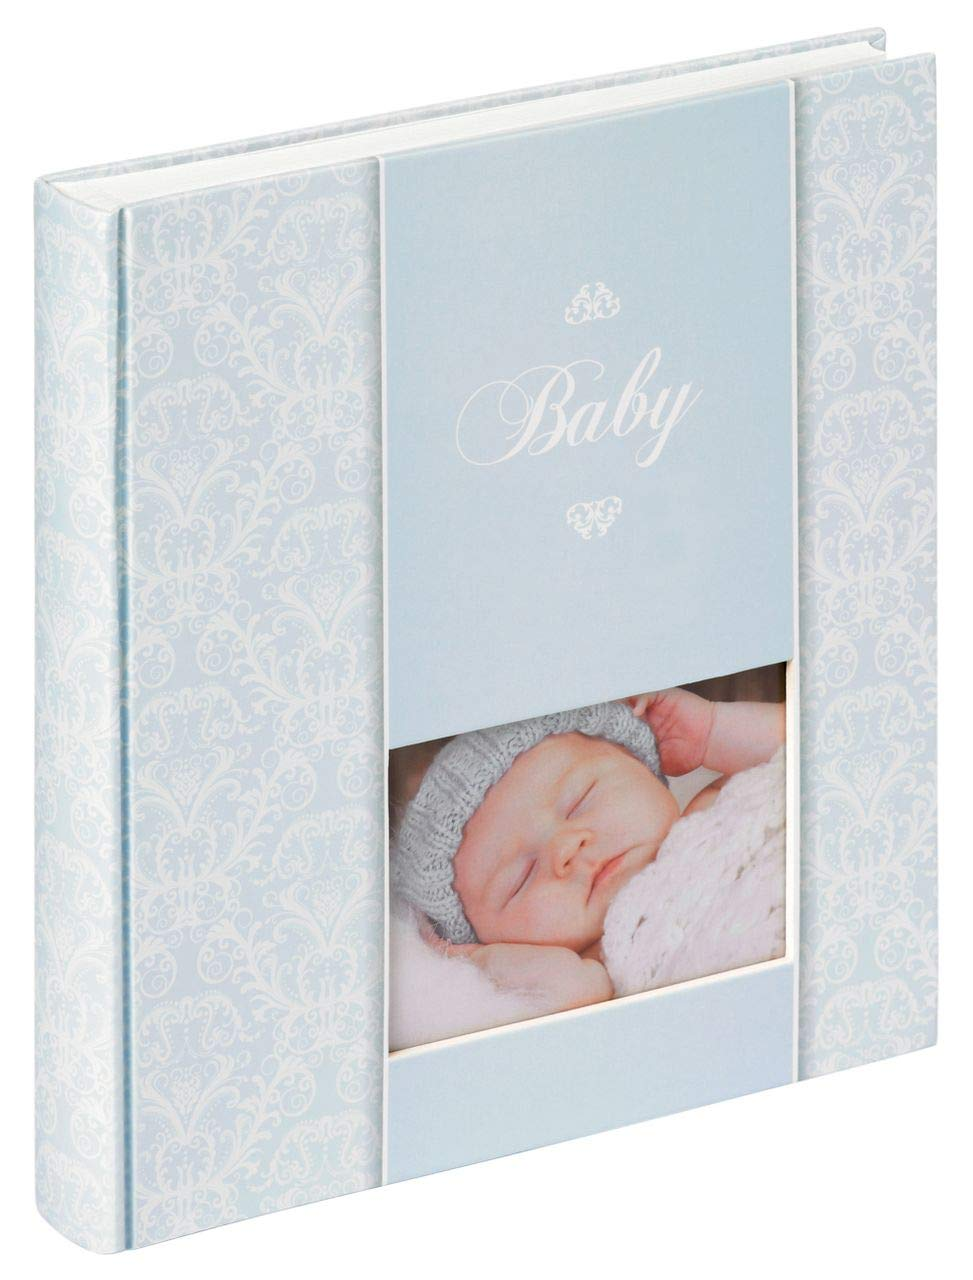 Walther Album de bébé Daydreamer–30, 5x 28cm–Pour jusqu'à 224Photos 10x 15–50pages–Fille ou garçon Quantio